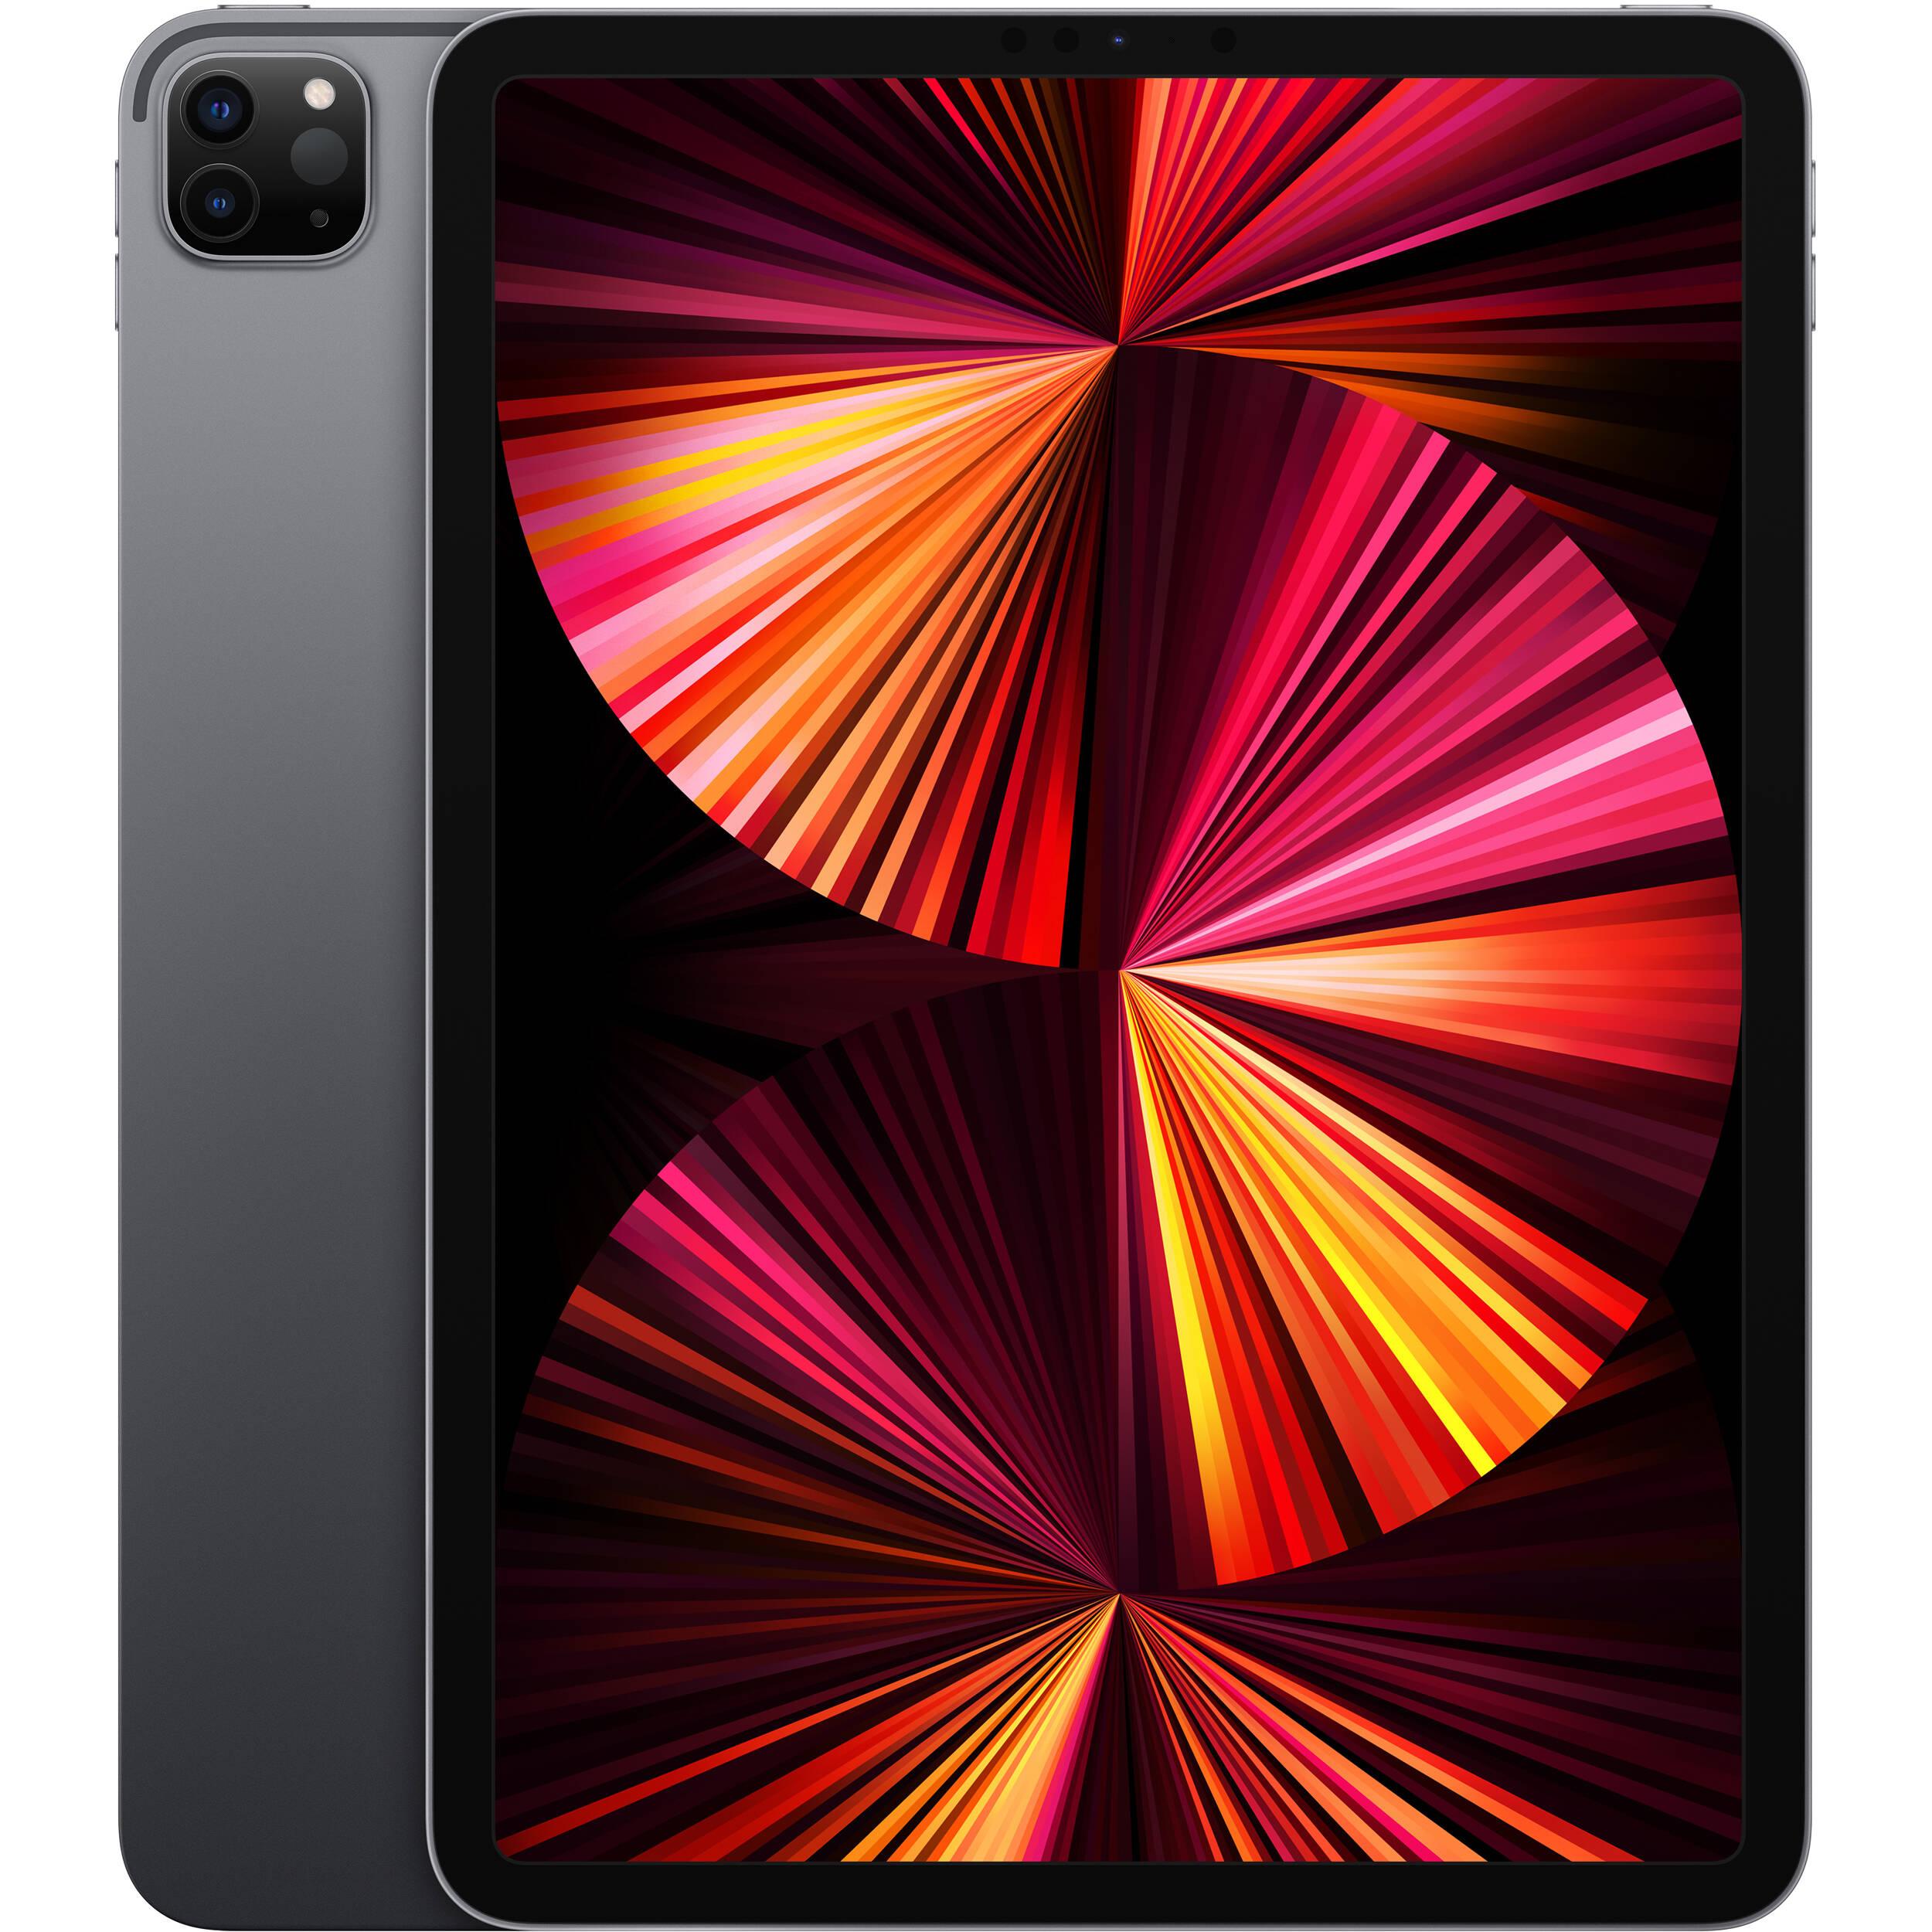 """Apple 11"""" iPad Pro M1 Chip MHQR3LL/A B&H Photo Video"""